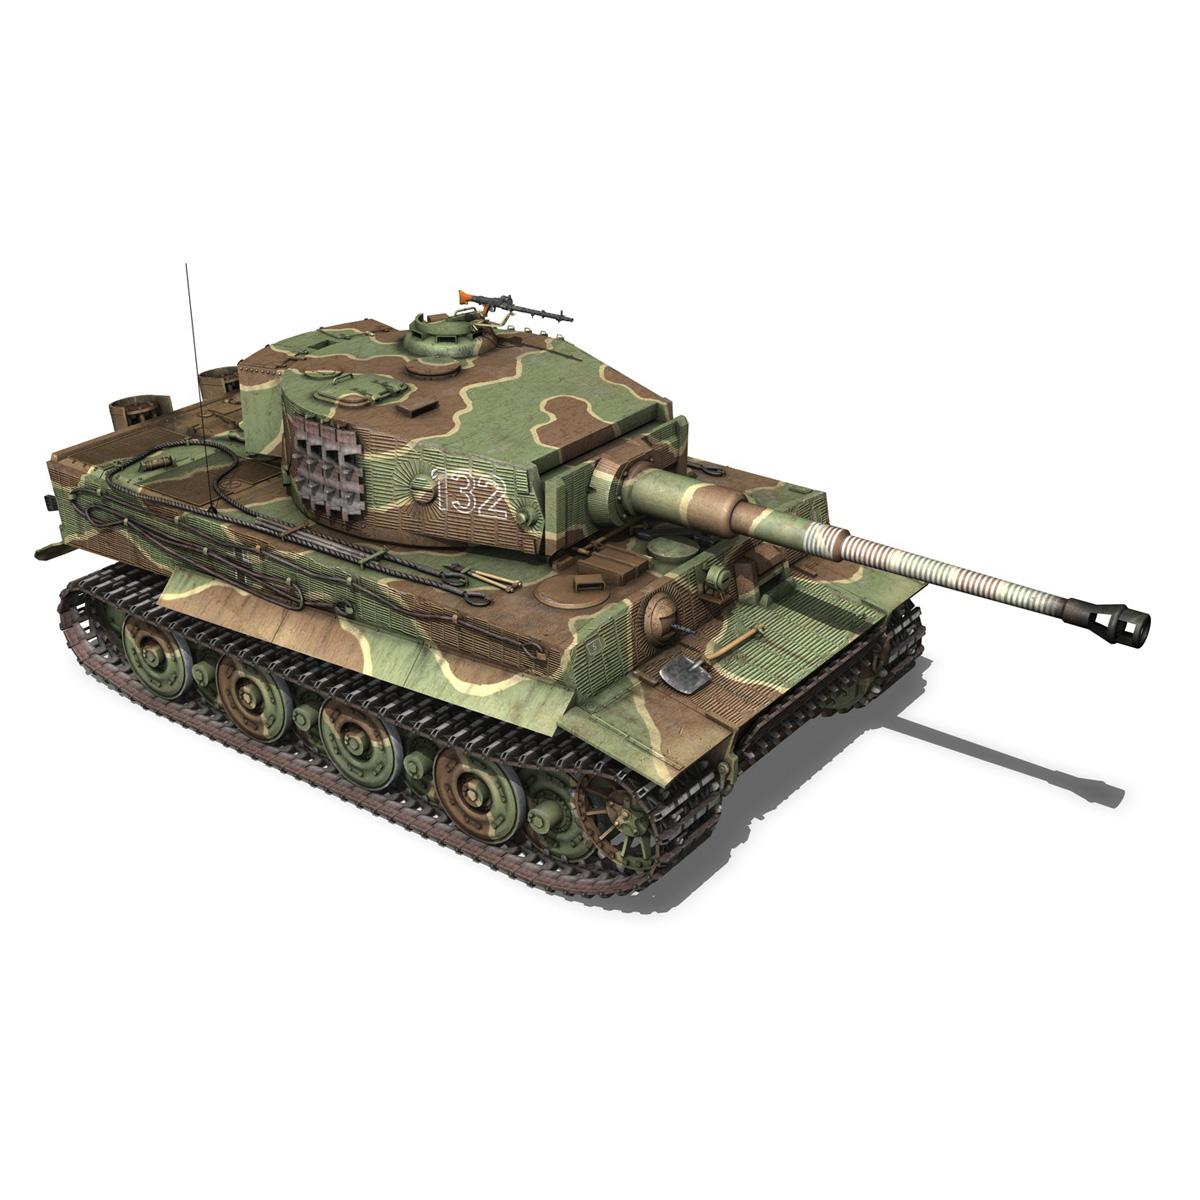 panzer vi – tiger – 132 – late production 3d model 3ds fbx c4d lwo obj 292971